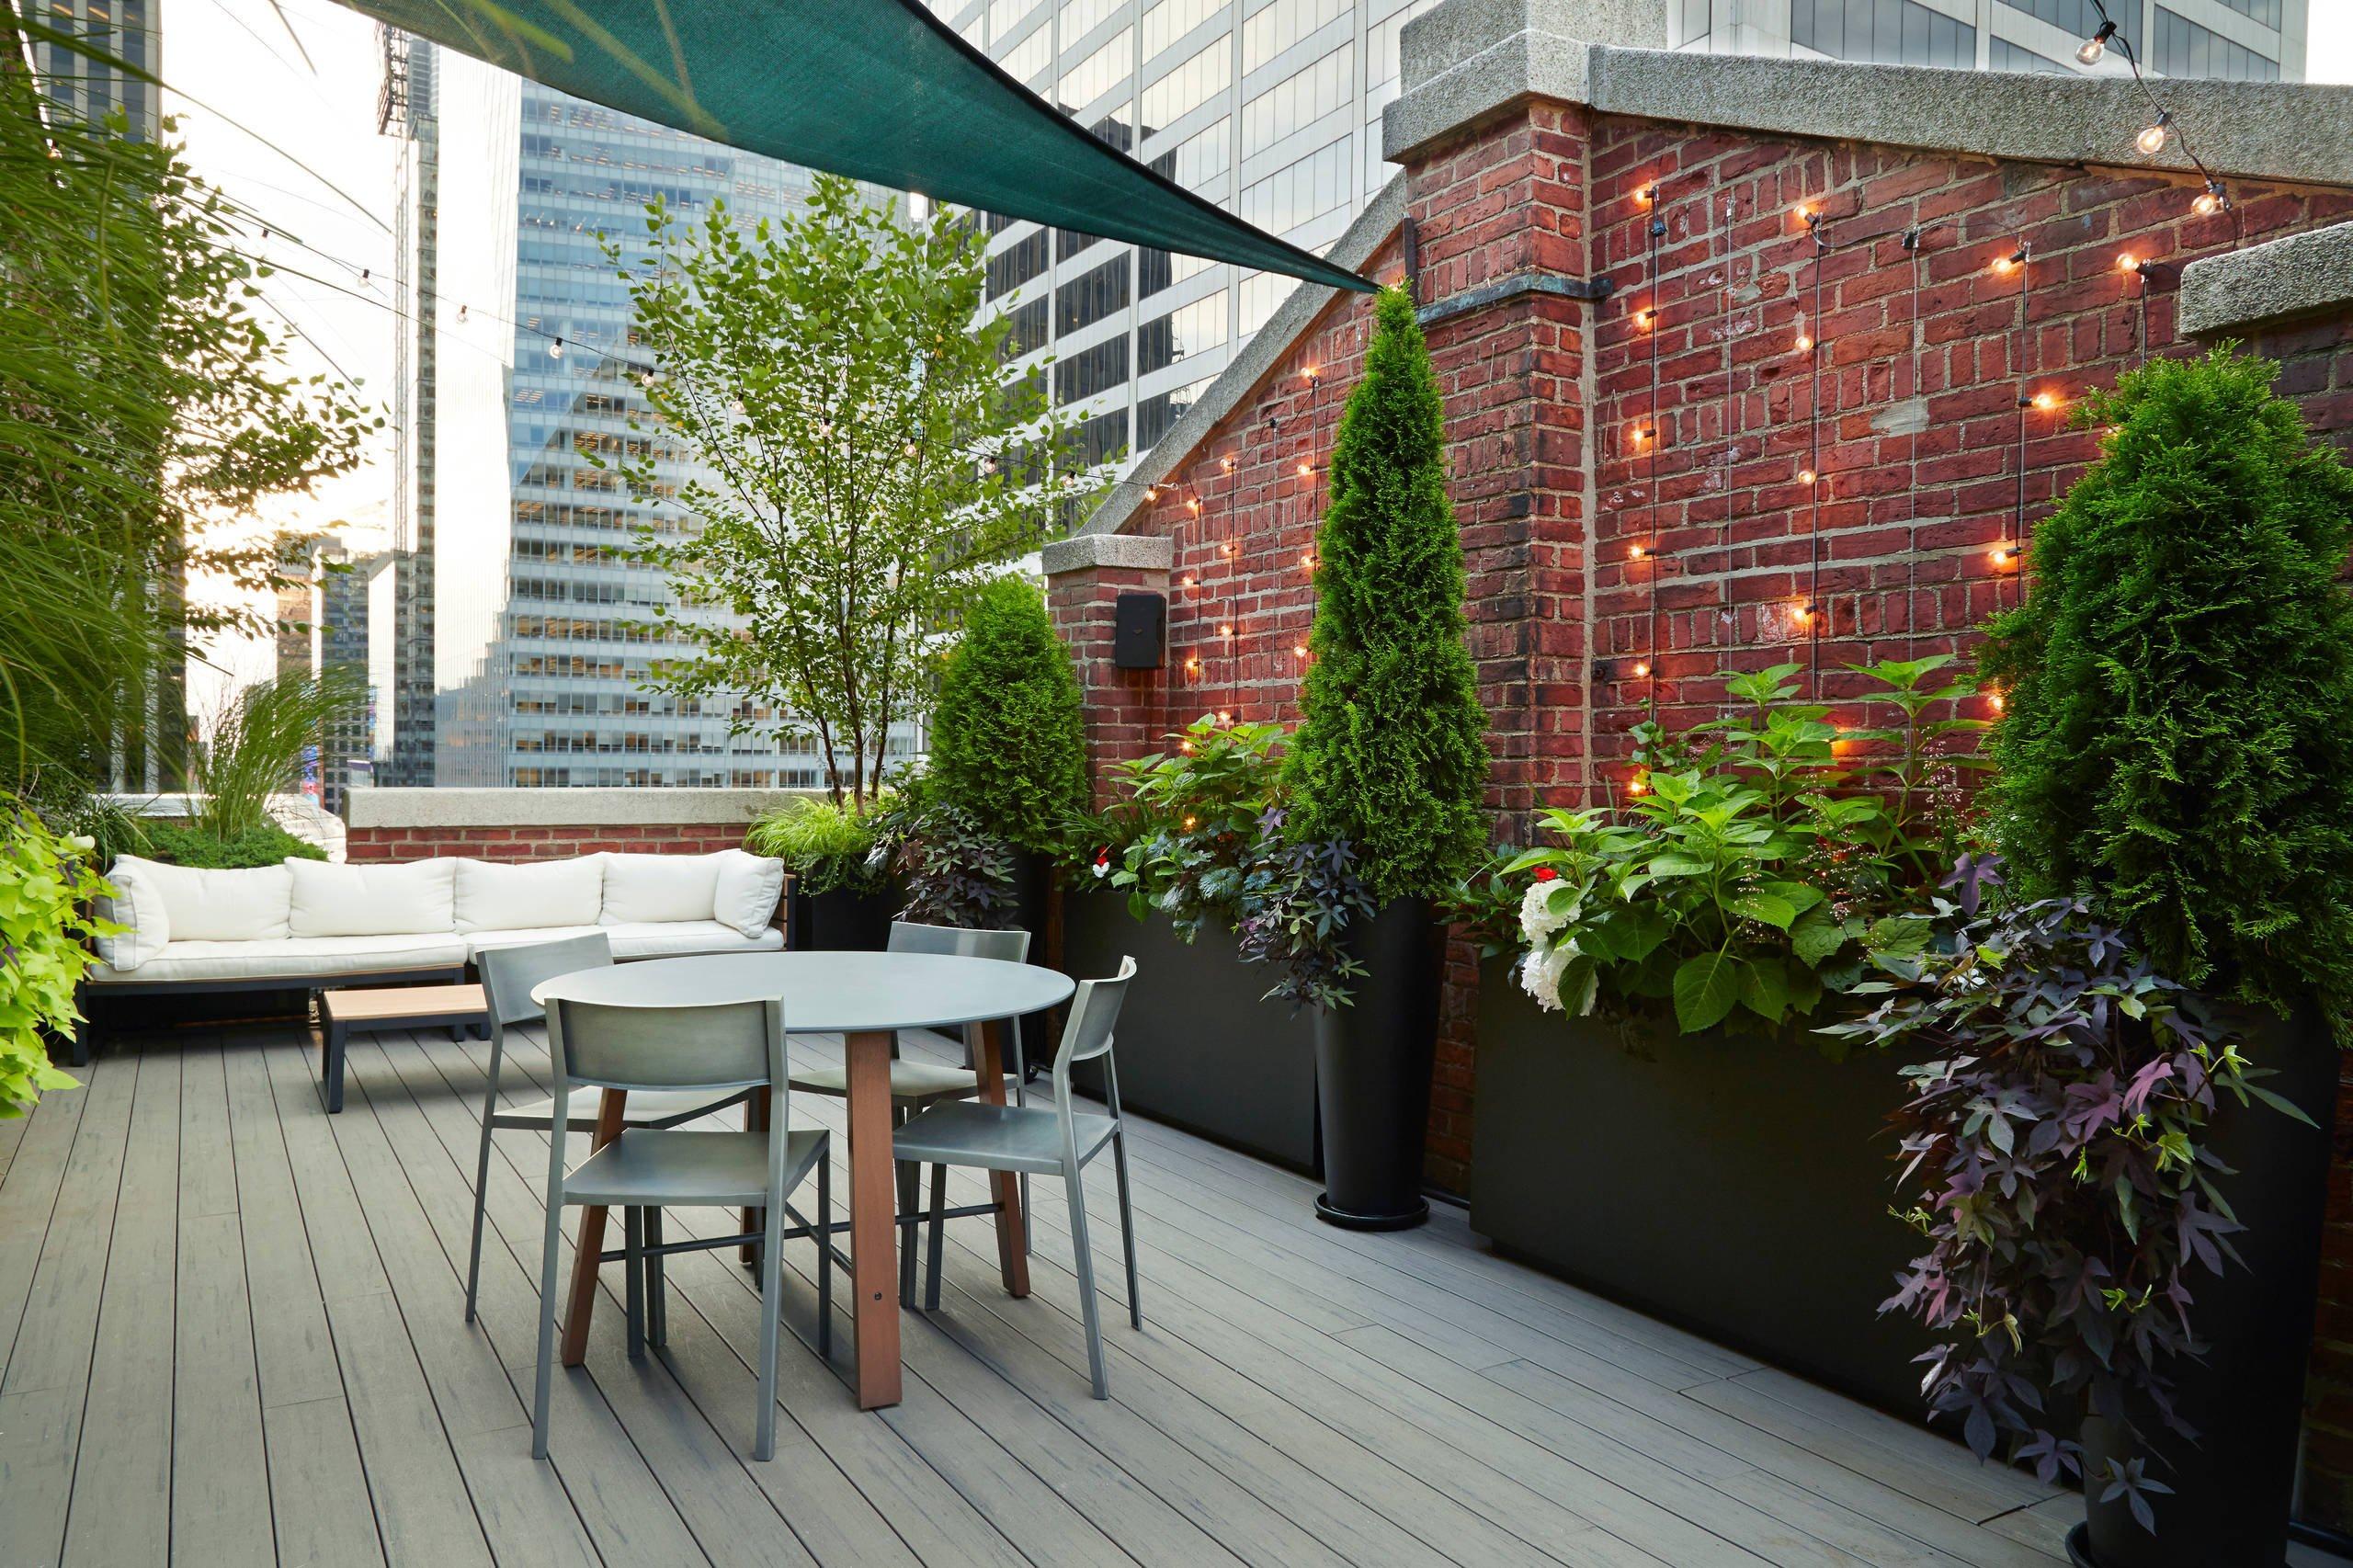 Das Licht spielt eine entscheidende Rolle für Wohlfühlen, wie die Terrassengestaltung